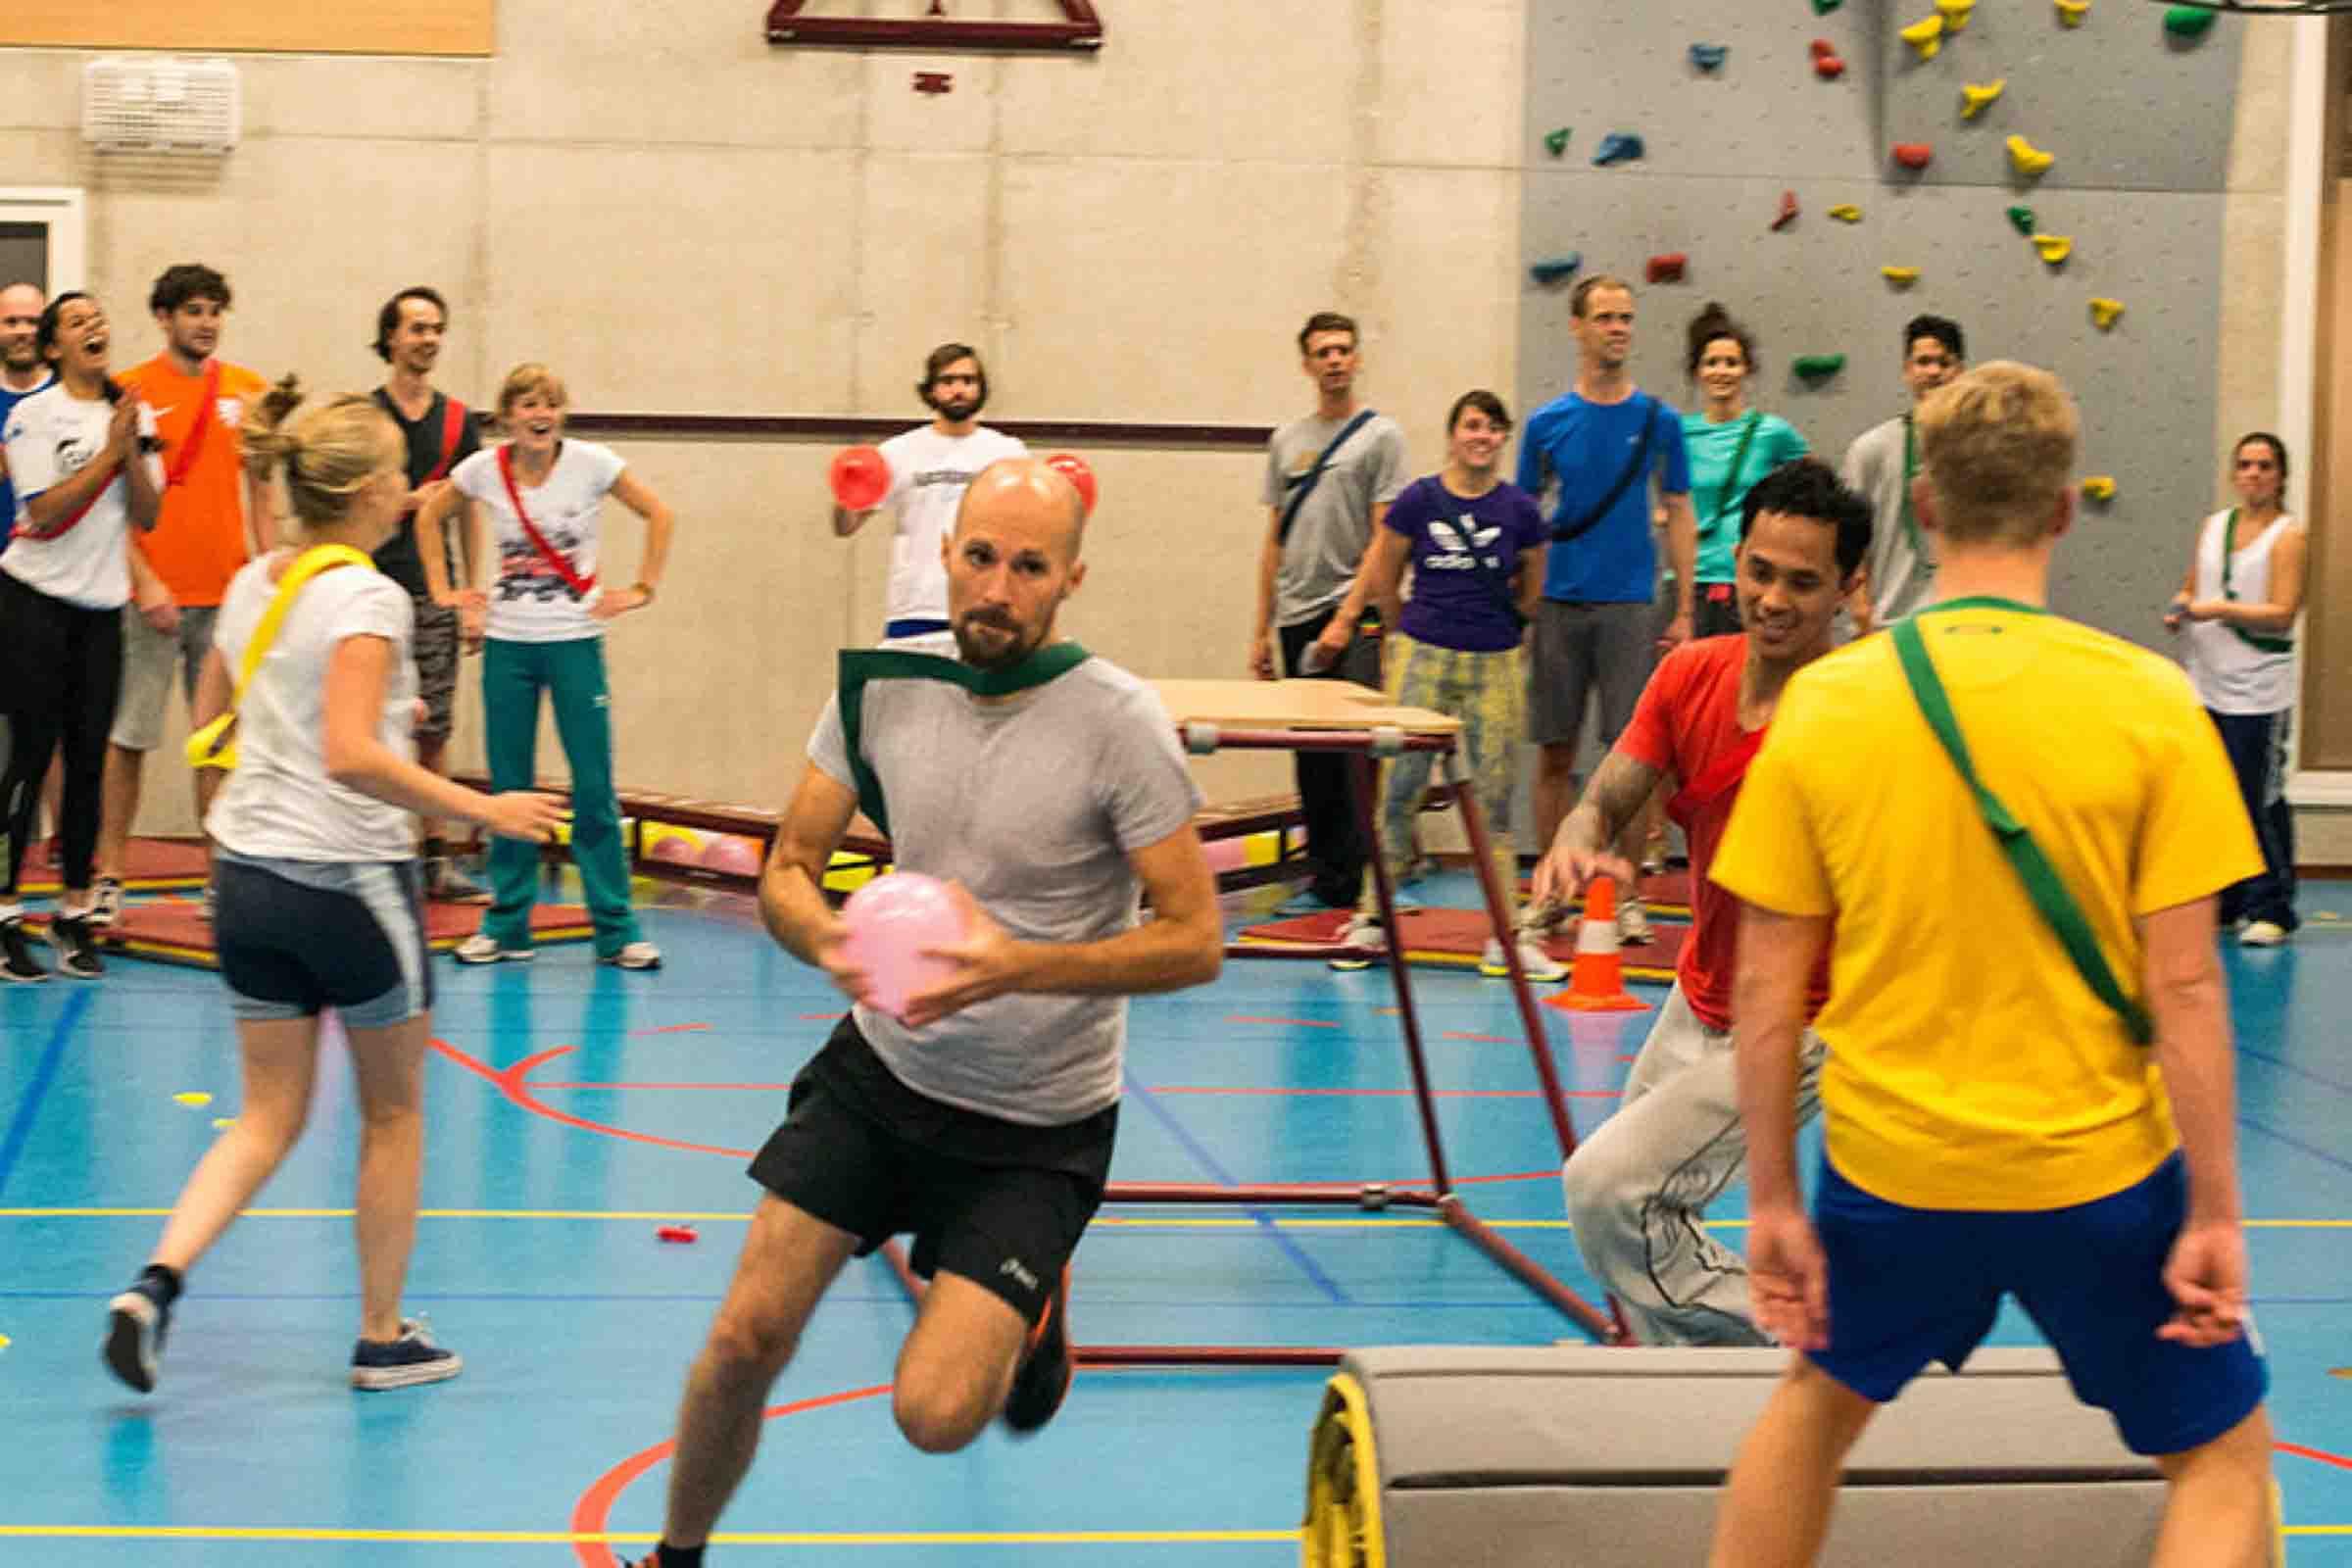 Een groep mensen die aan het apennkooien is in een gymzaal